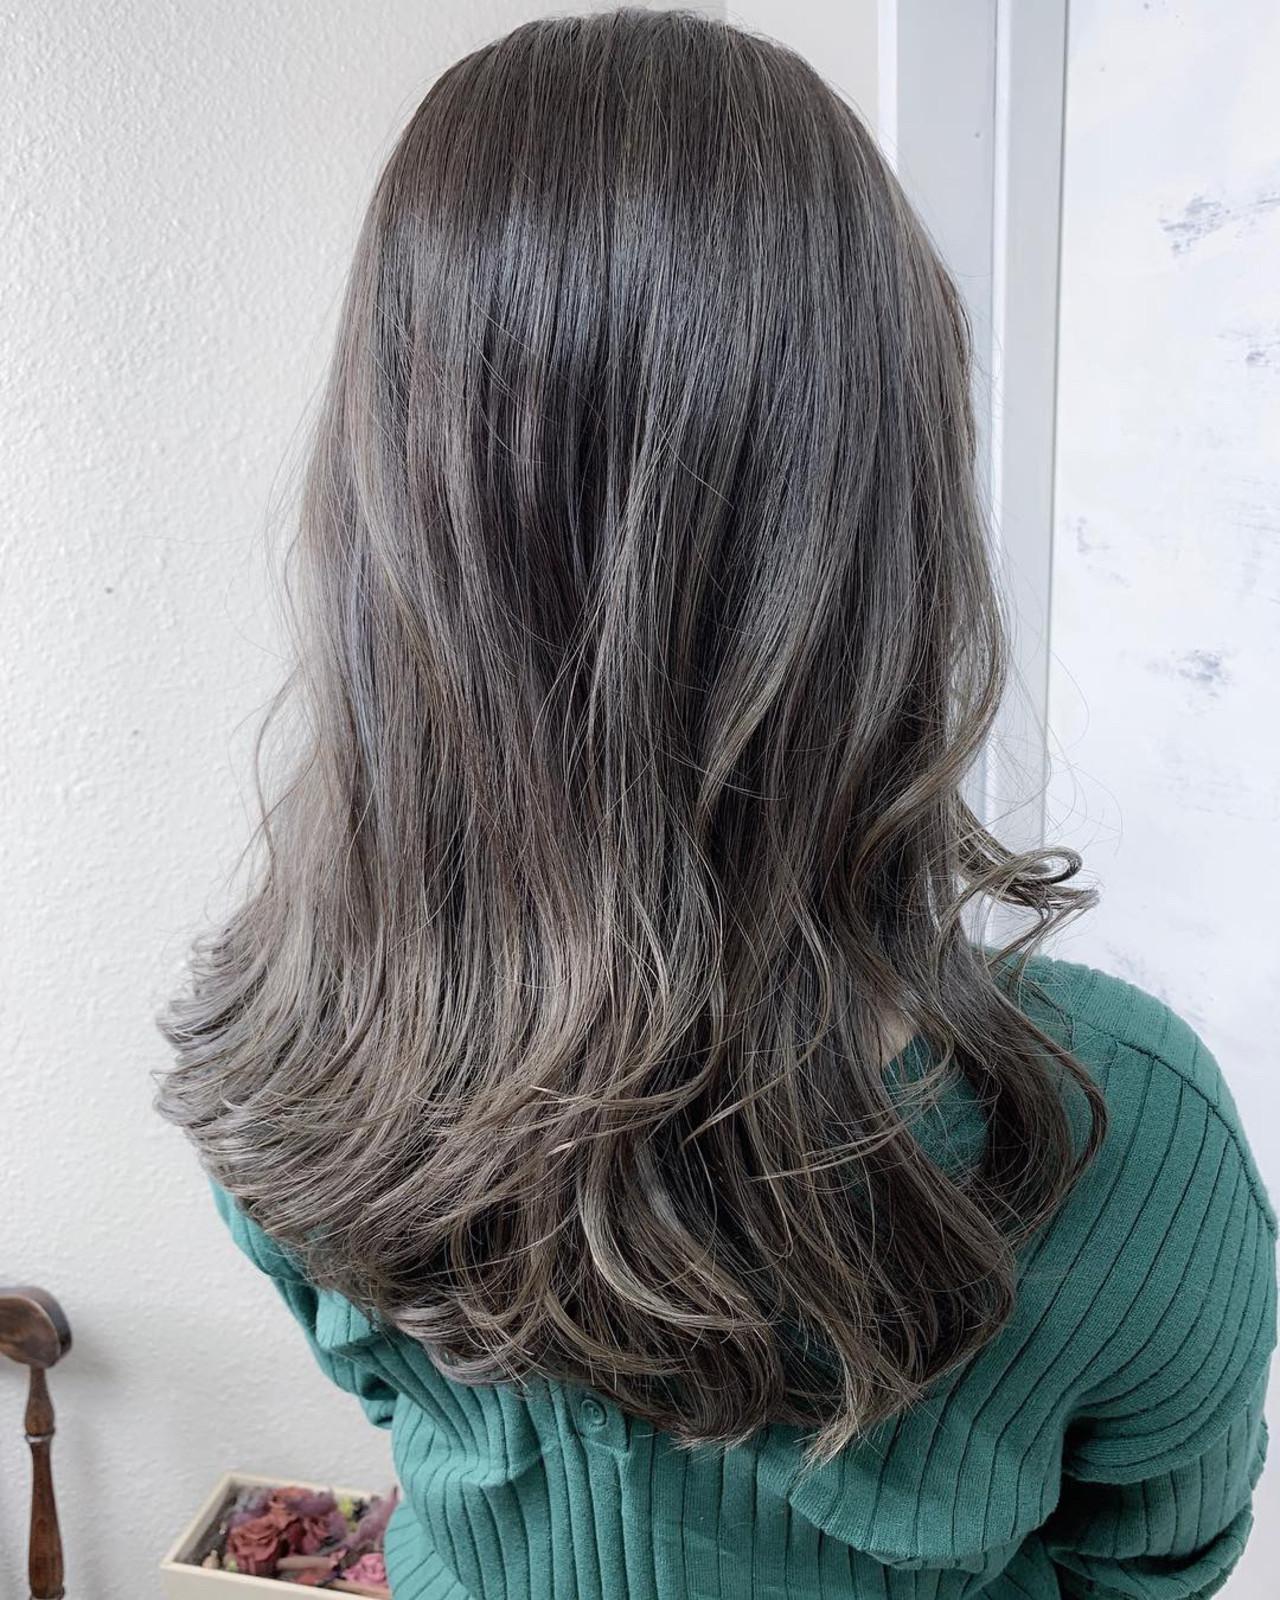 カーキアッシュ 透明感カラー ハイライト エレガント ヘアスタイルや髪型の写真・画像